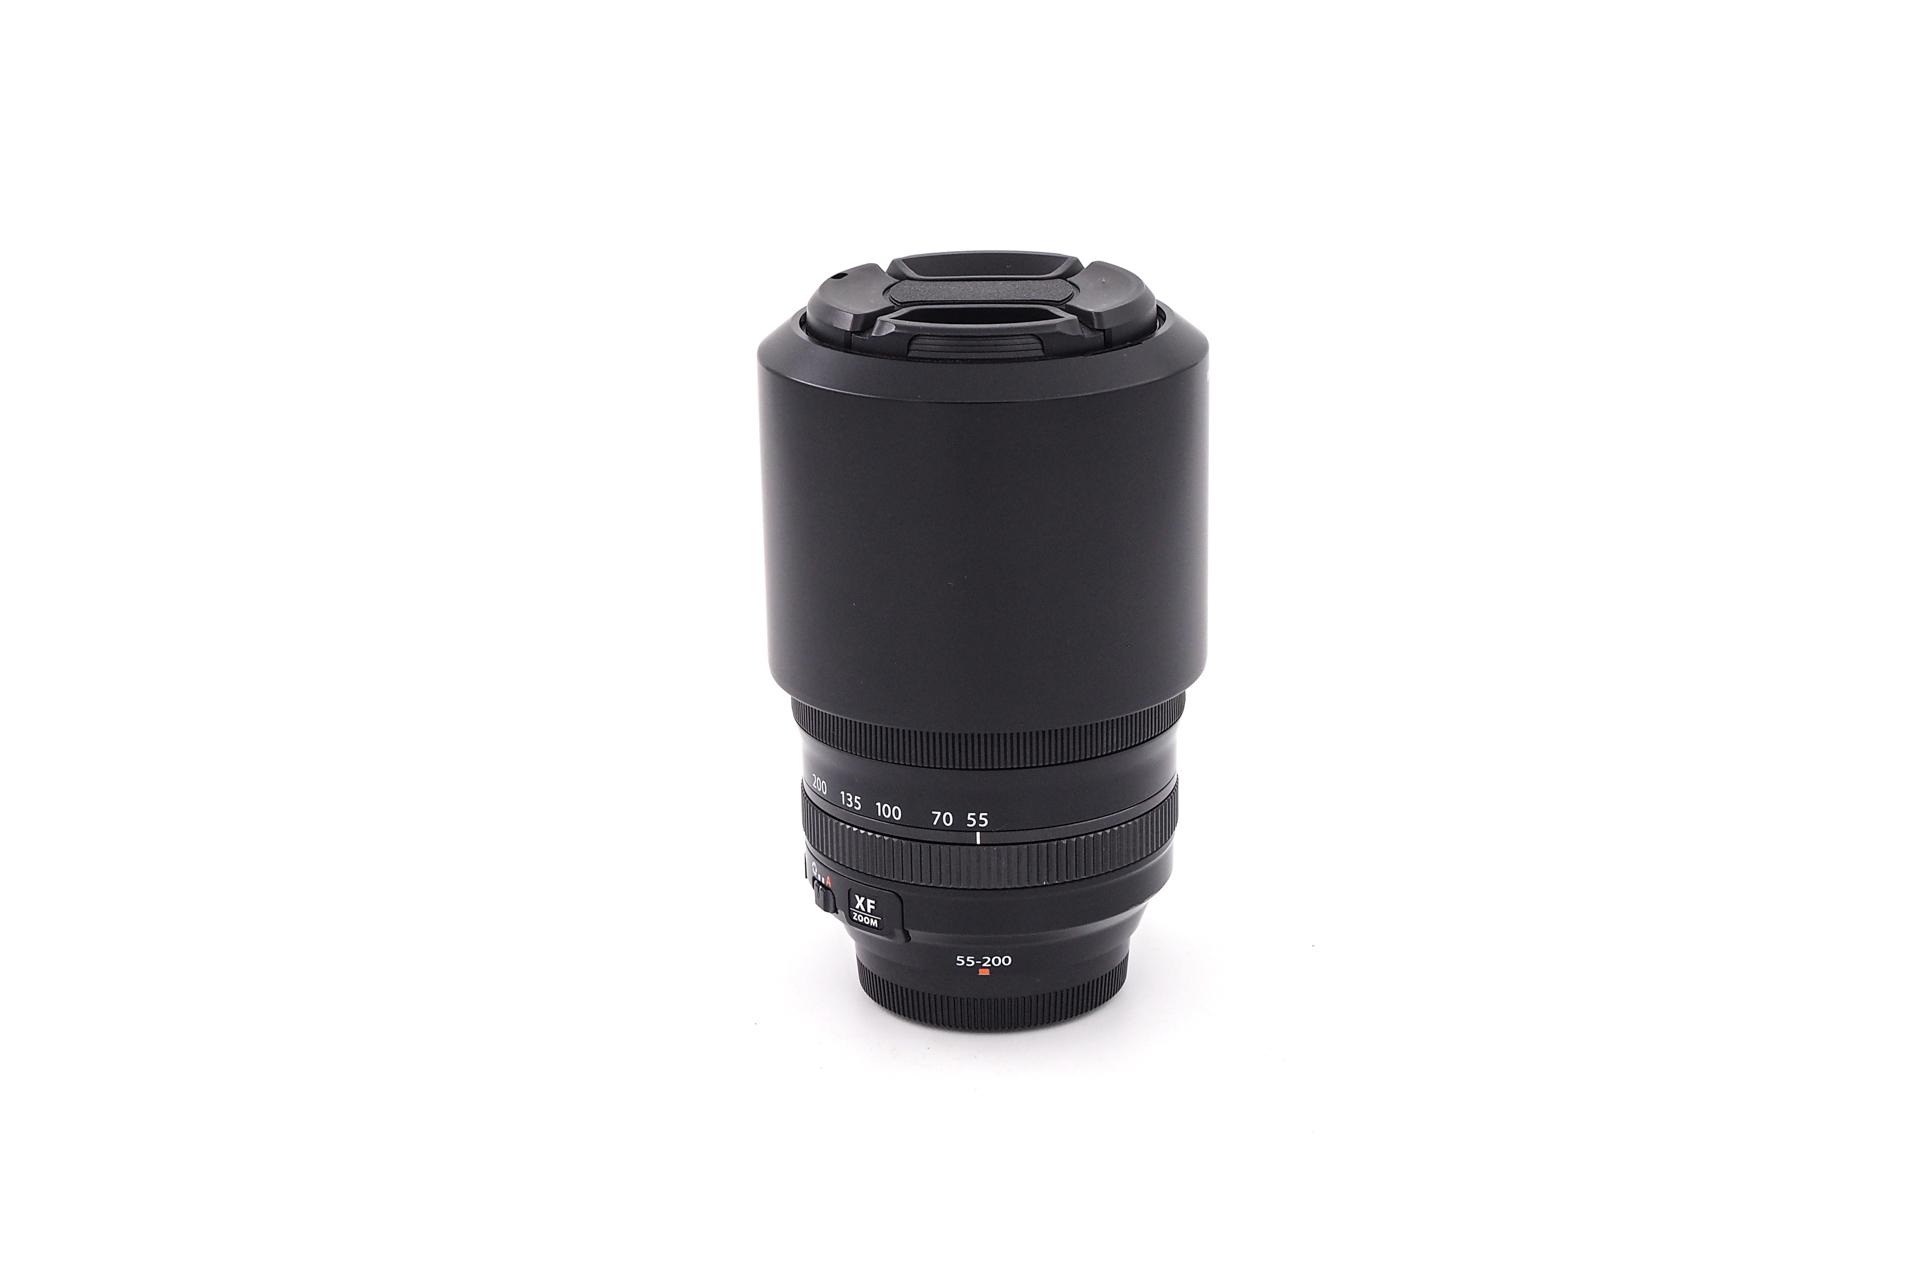 Fujifilm XF 55-200 F/3.5-4.8